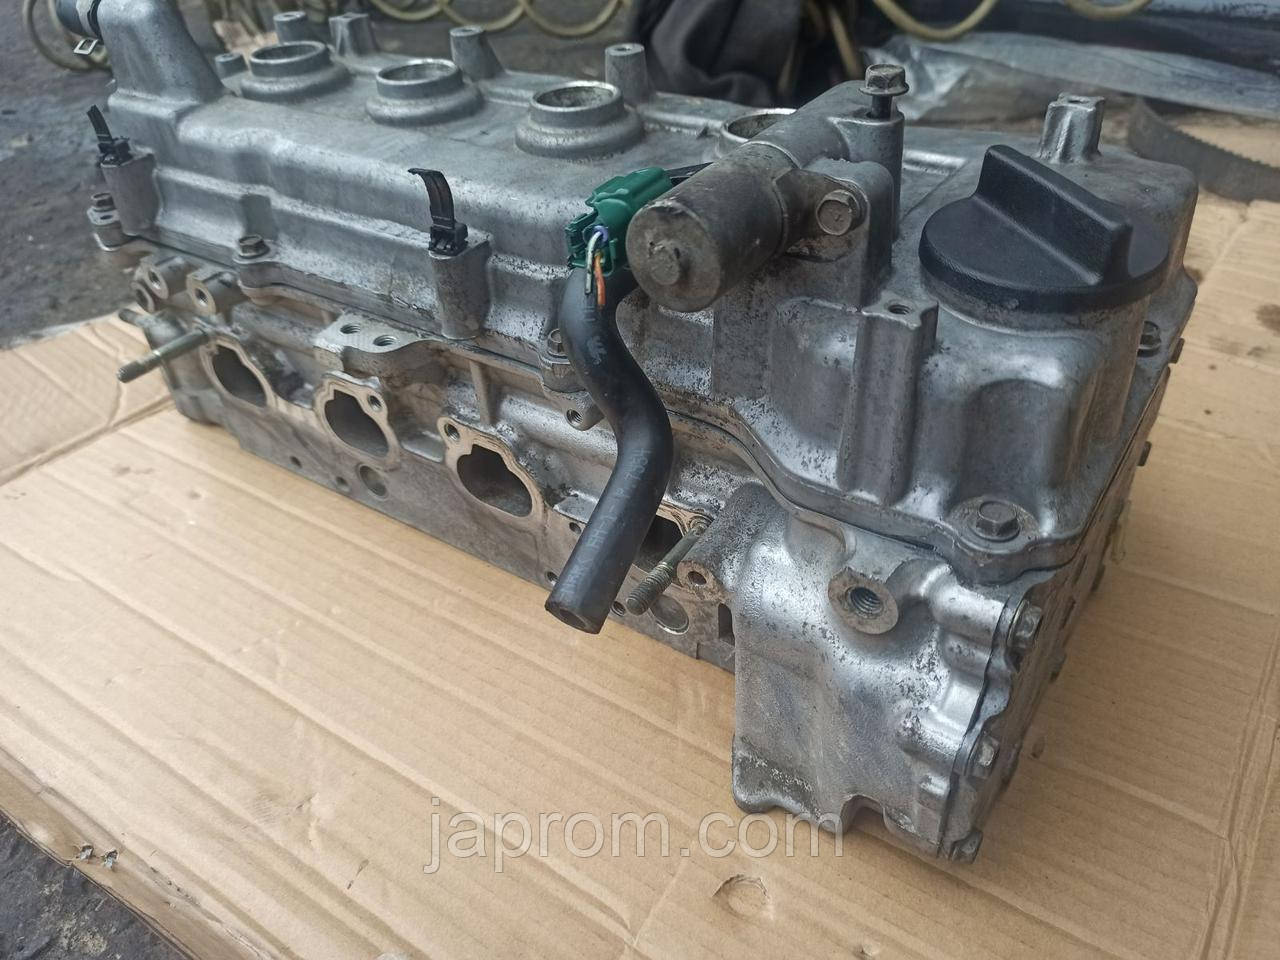 Головка блока цилиндров (ГБЦ) Nissan Аlmera N16 Classic B10 Primera P12 QG16 QG18 1,6 1,8 бензин